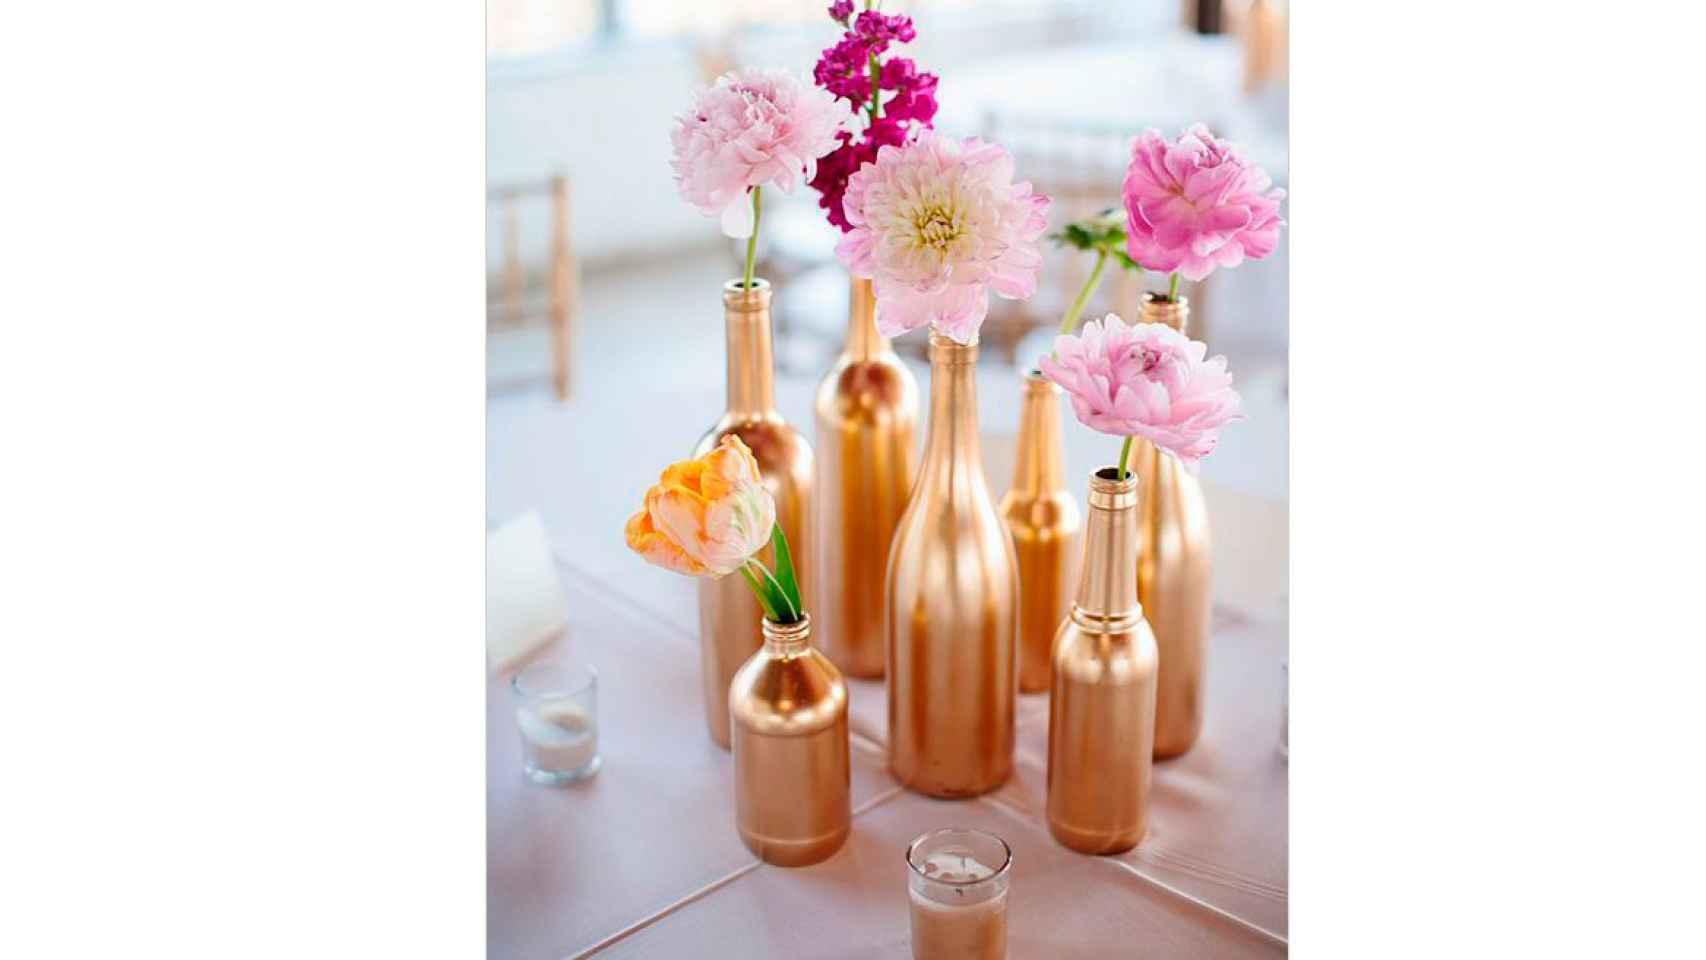 Botellas convertidas en relucientes jarrones tras ser pintadas en dorado. Combina con distintos colores y tonos.